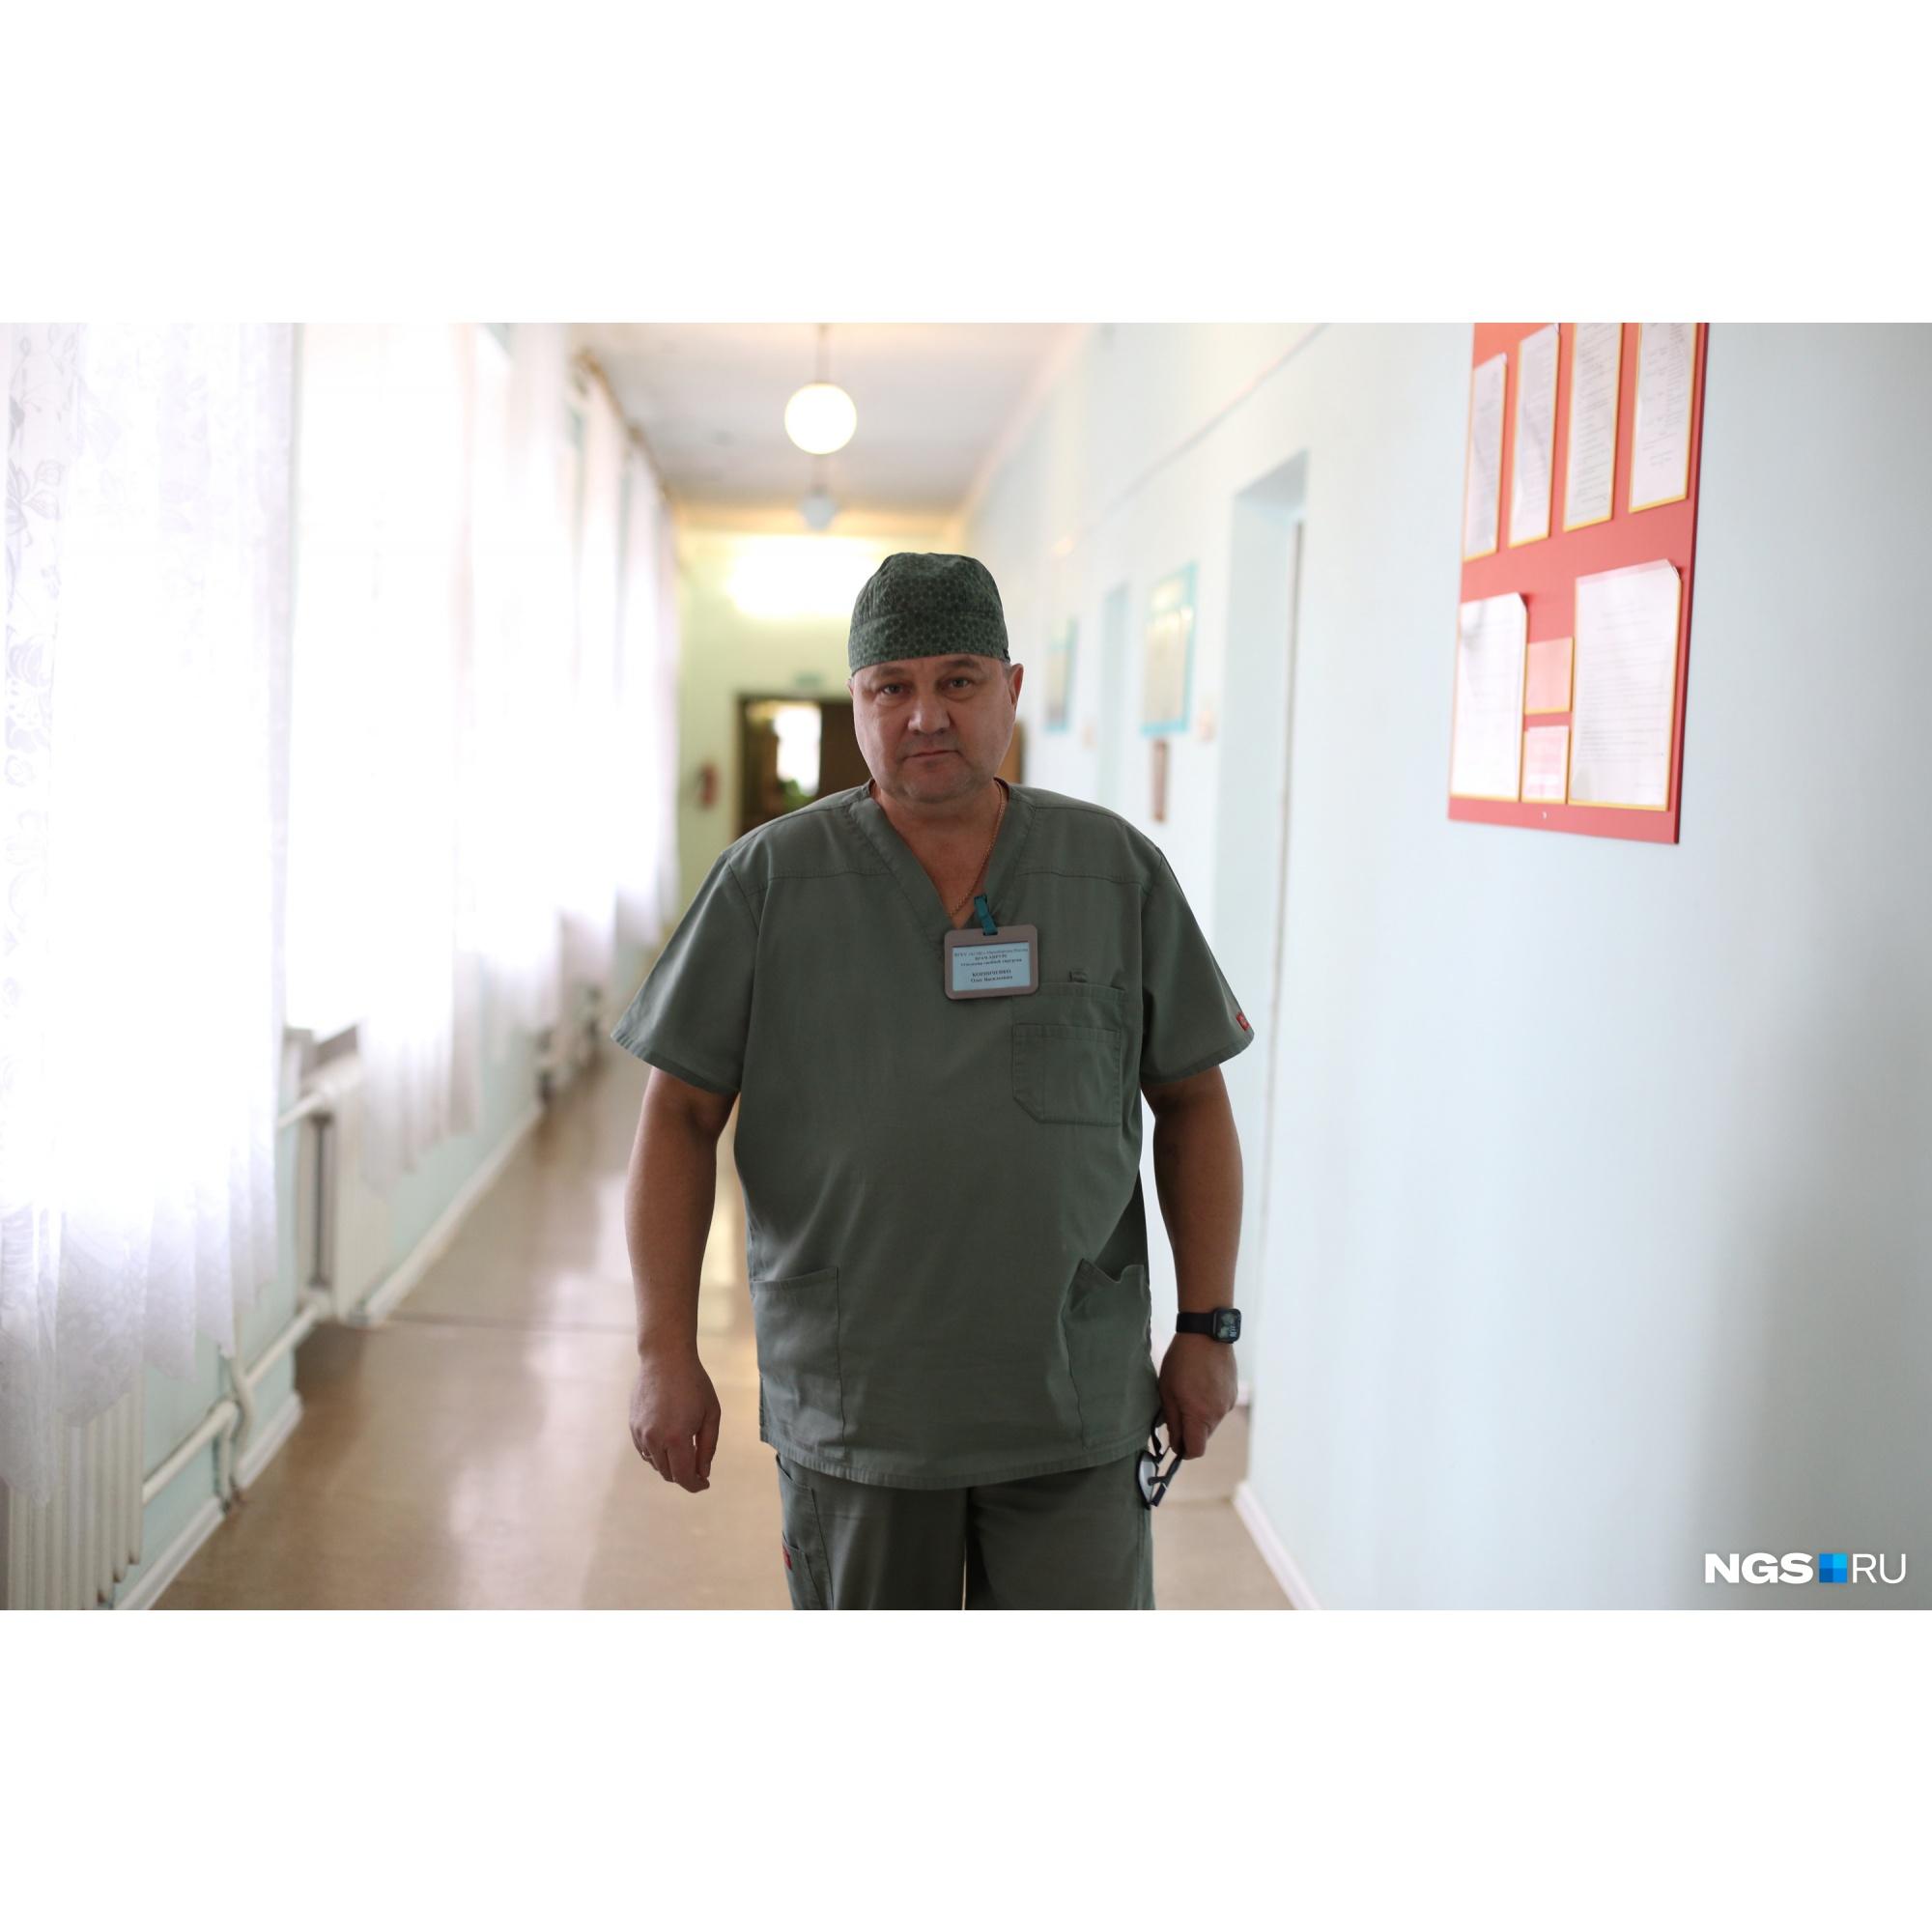 Сейчас Олегу Корниченко уже подобрали нужную терапию: на лекарства в месяц требуется около 10 тысяч рублей